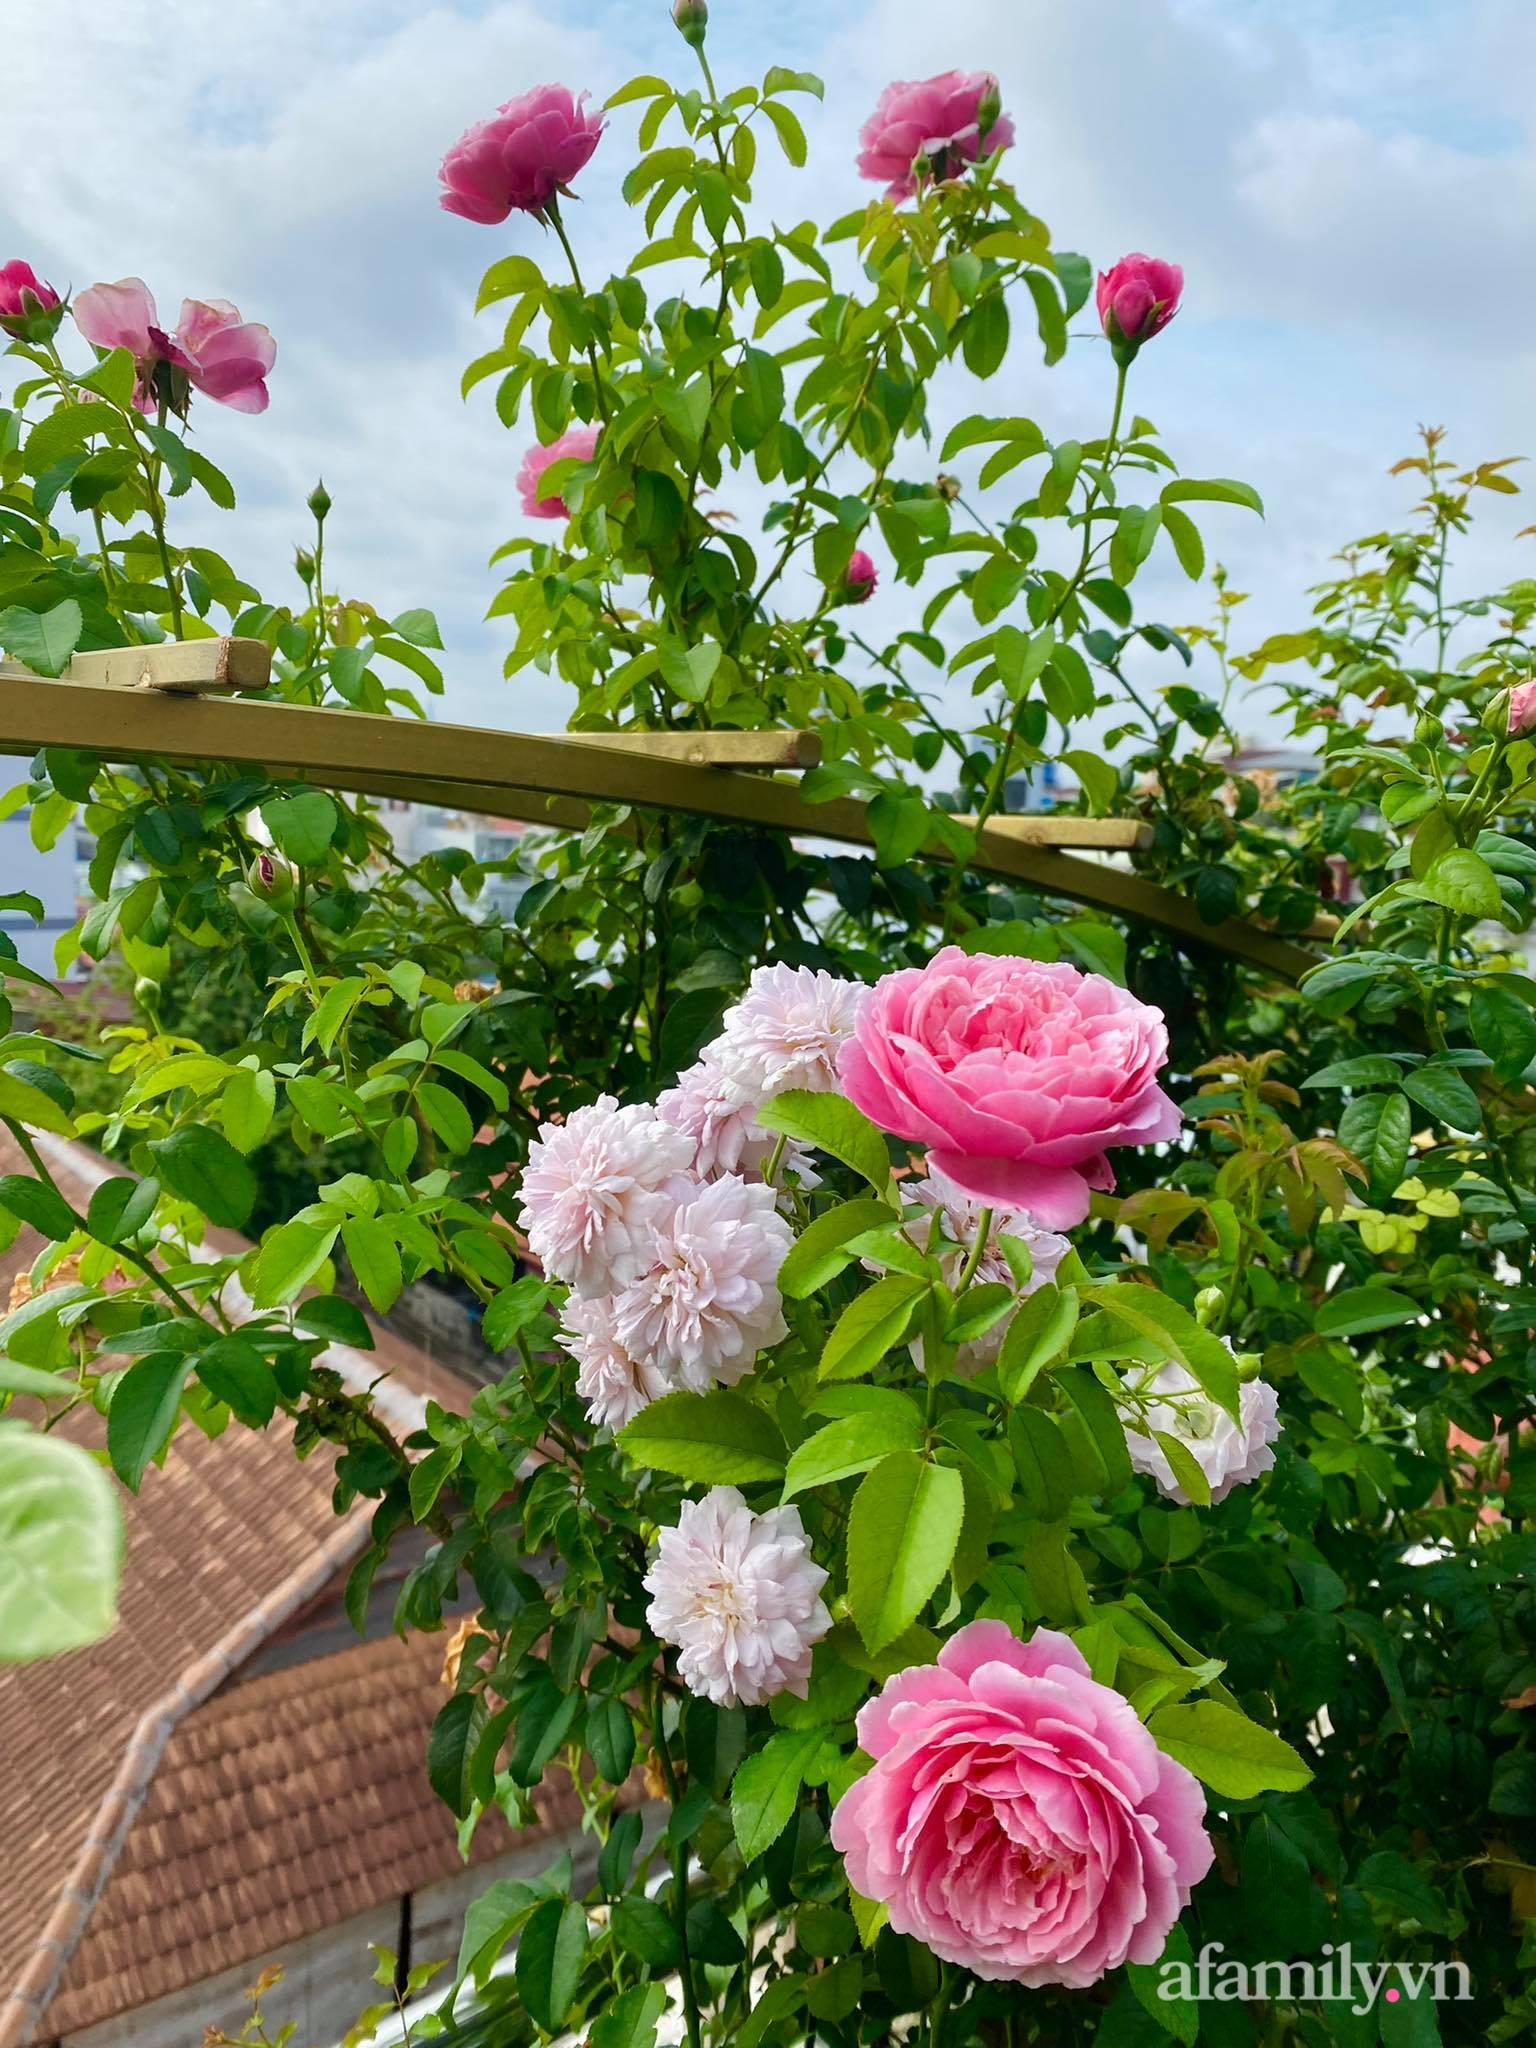 Sân thượng phủ kín hoa hồng và rau quả sạch ở Sài Gòn của Hoa hậu Janny Thủy Trần-8